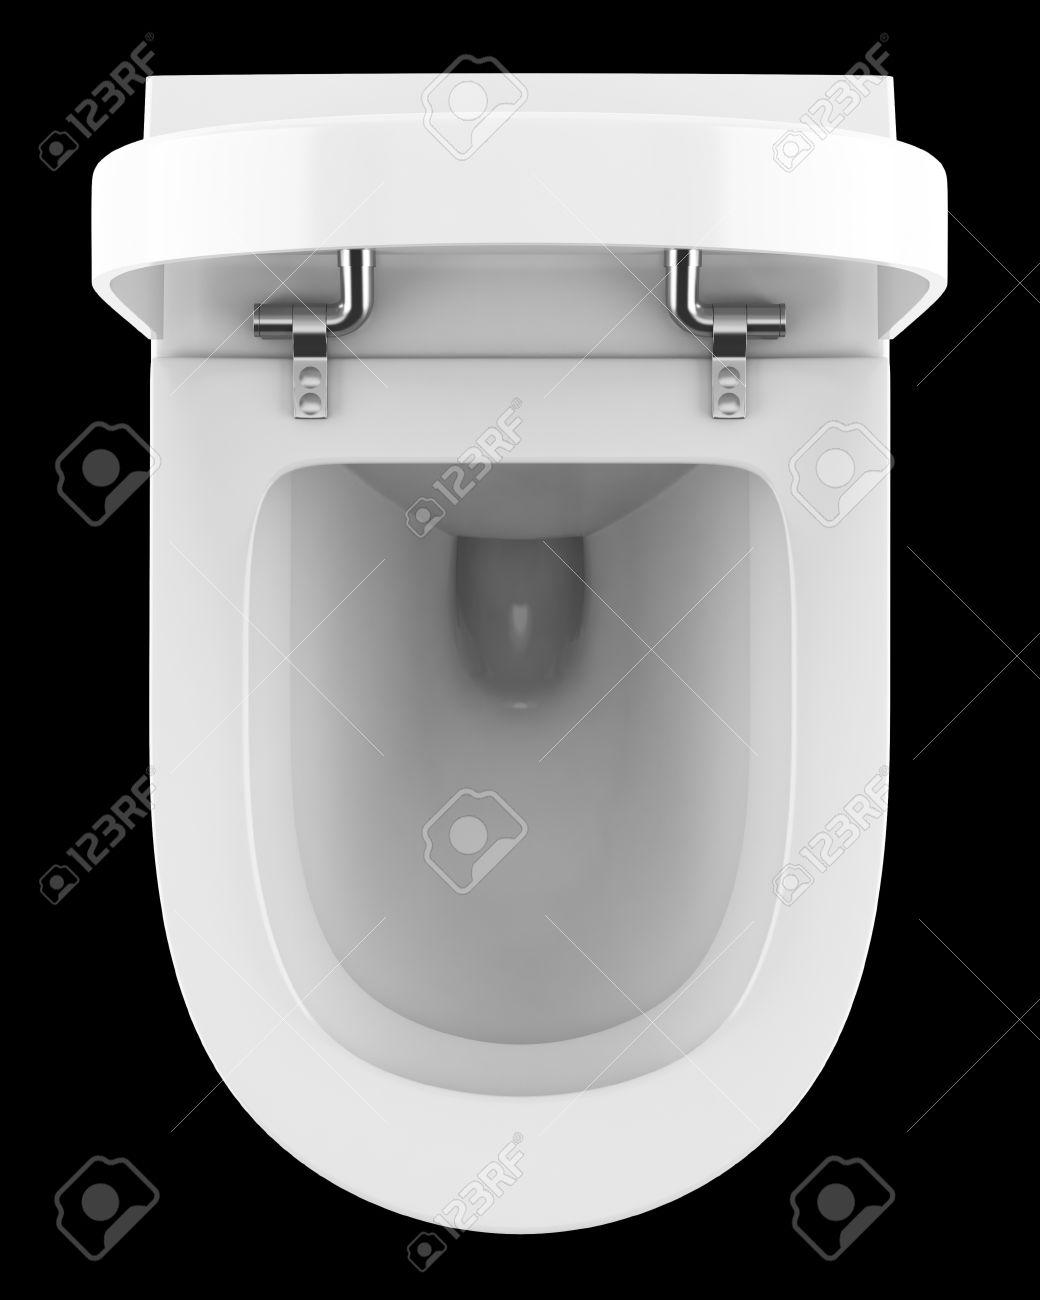 Toiletten draufsicht auf moderne wc schüssel auf schwarzem hintergrund